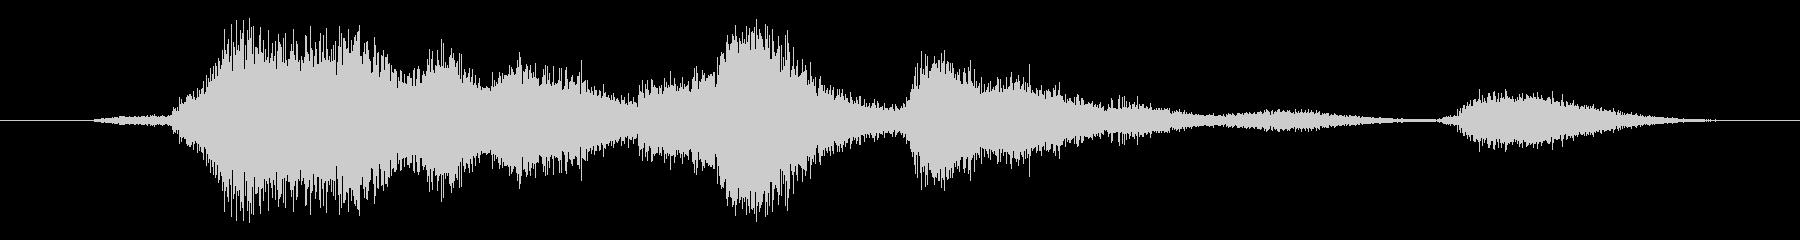 SCI-FI ELECTRONIC...の未再生の波形